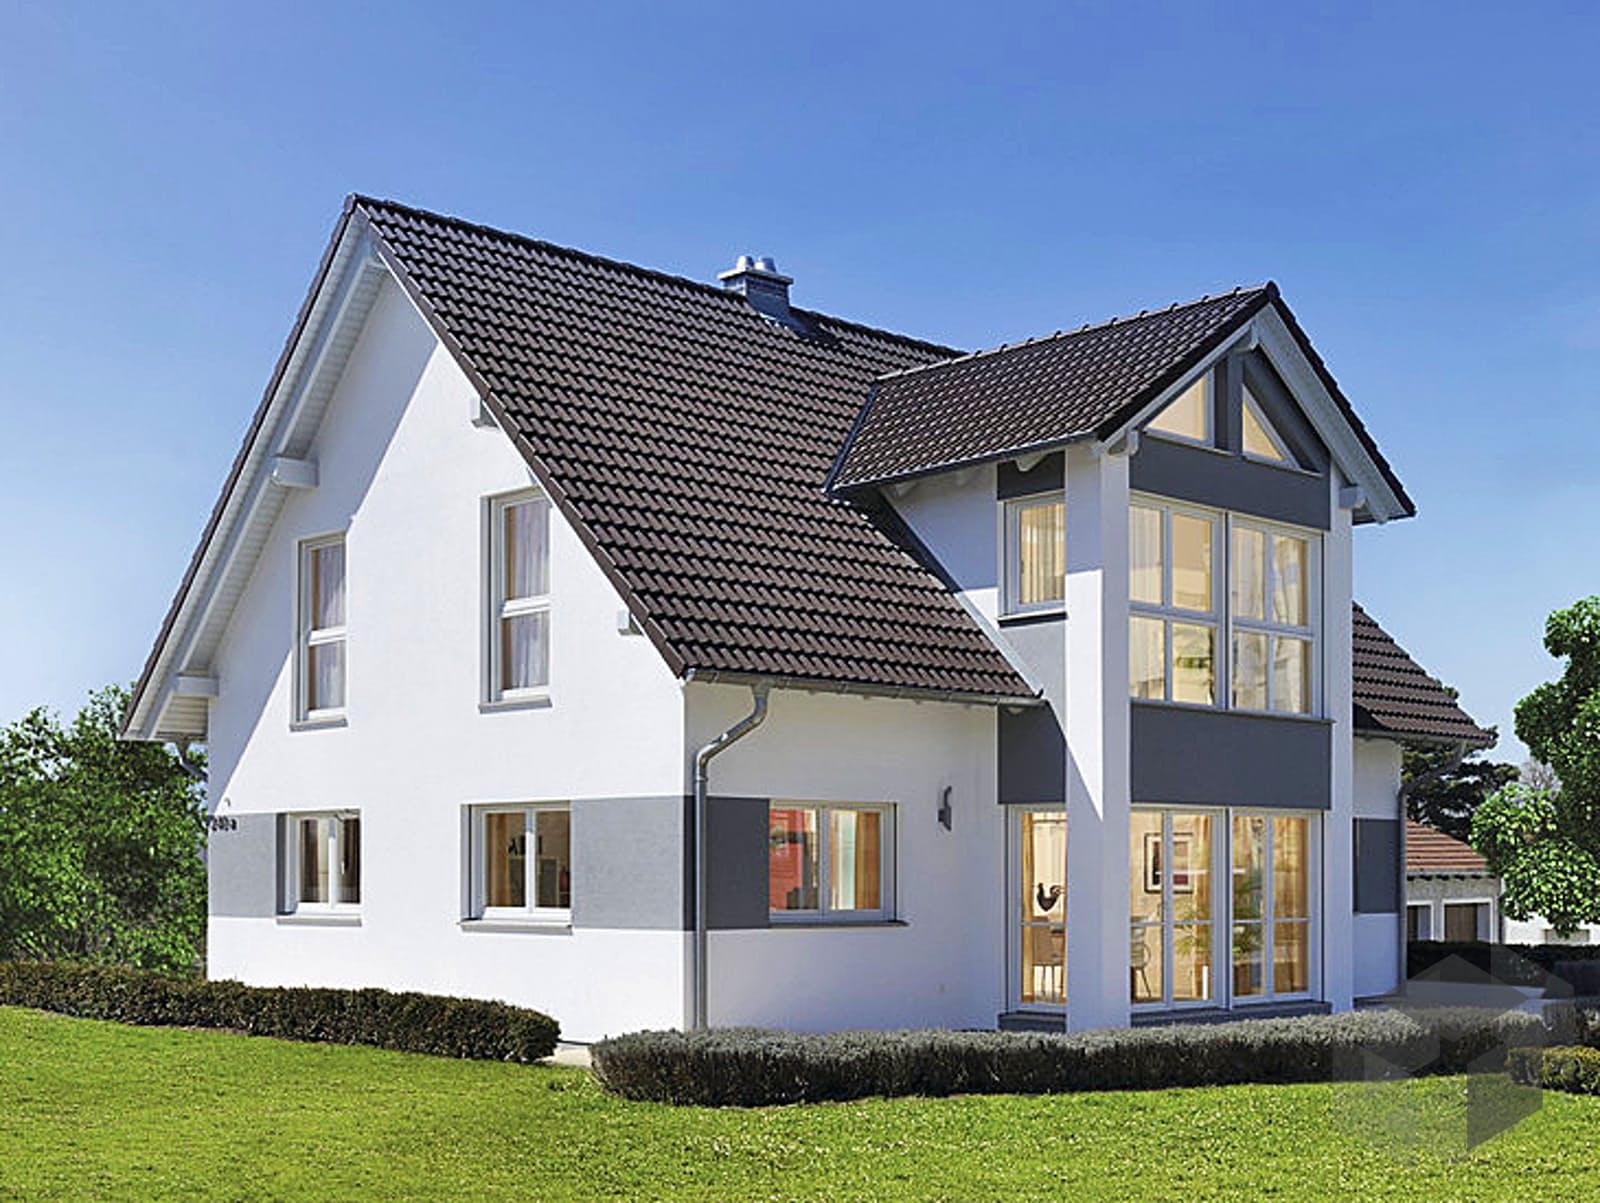 ausstellungshaus regensburg von weberhaus komplette daten bersicht. Black Bedroom Furniture Sets. Home Design Ideas